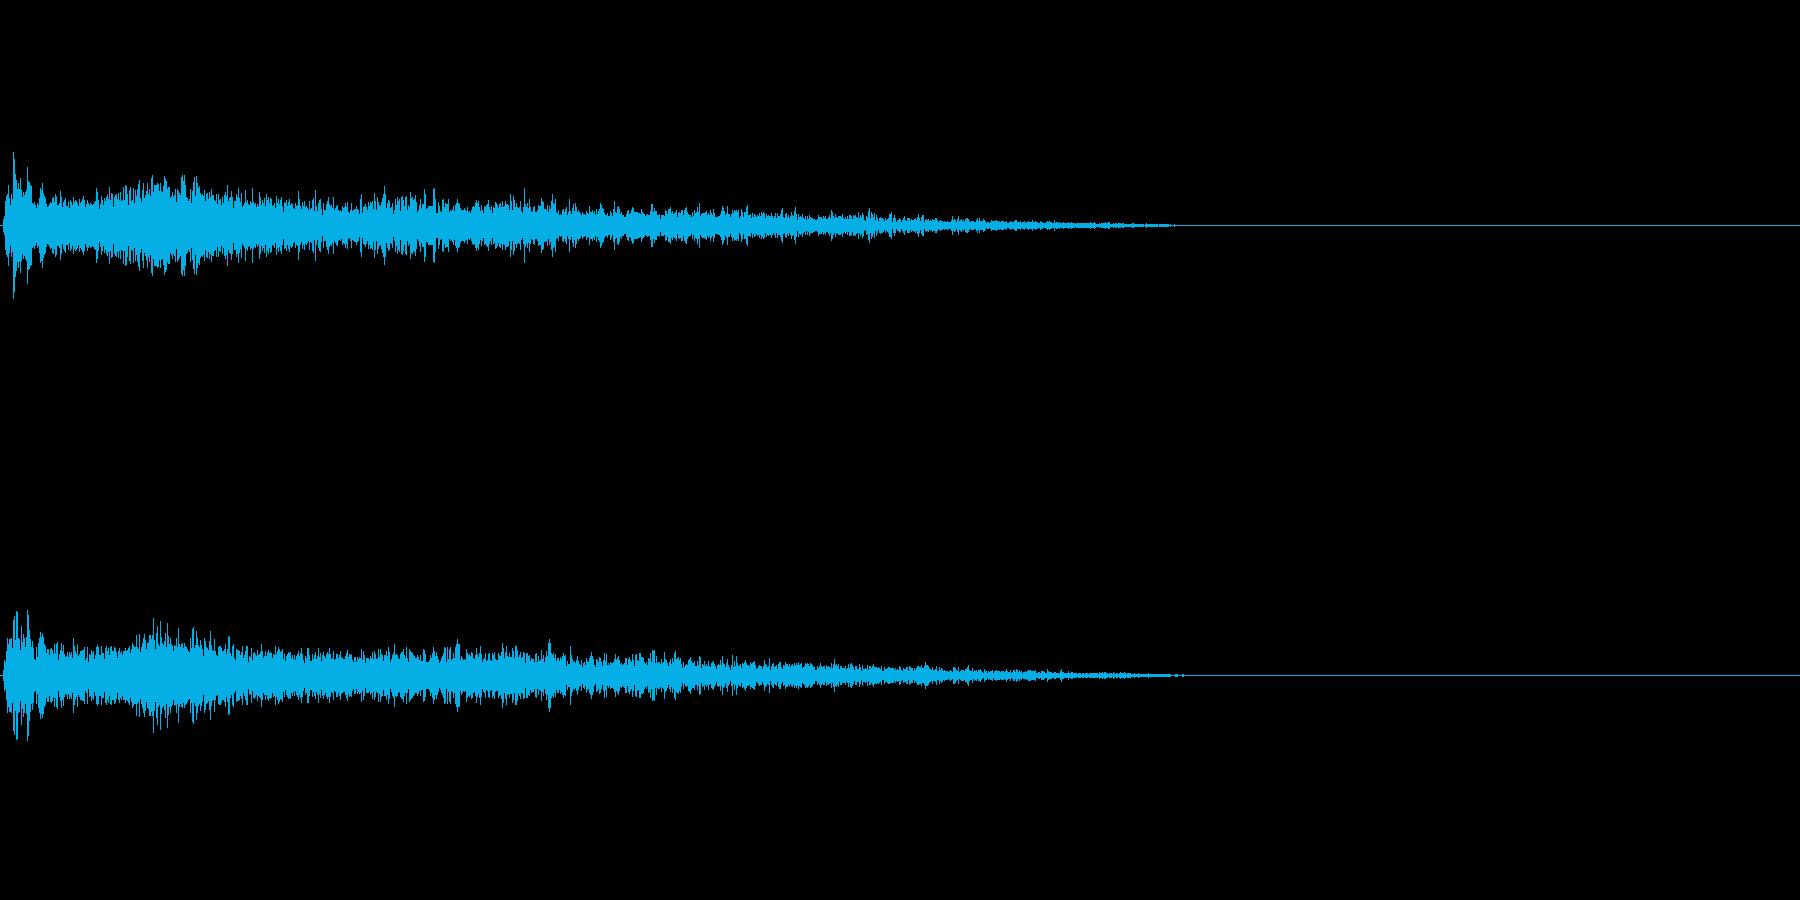 Fメジャー インパクト音 衝撃音の再生済みの波形